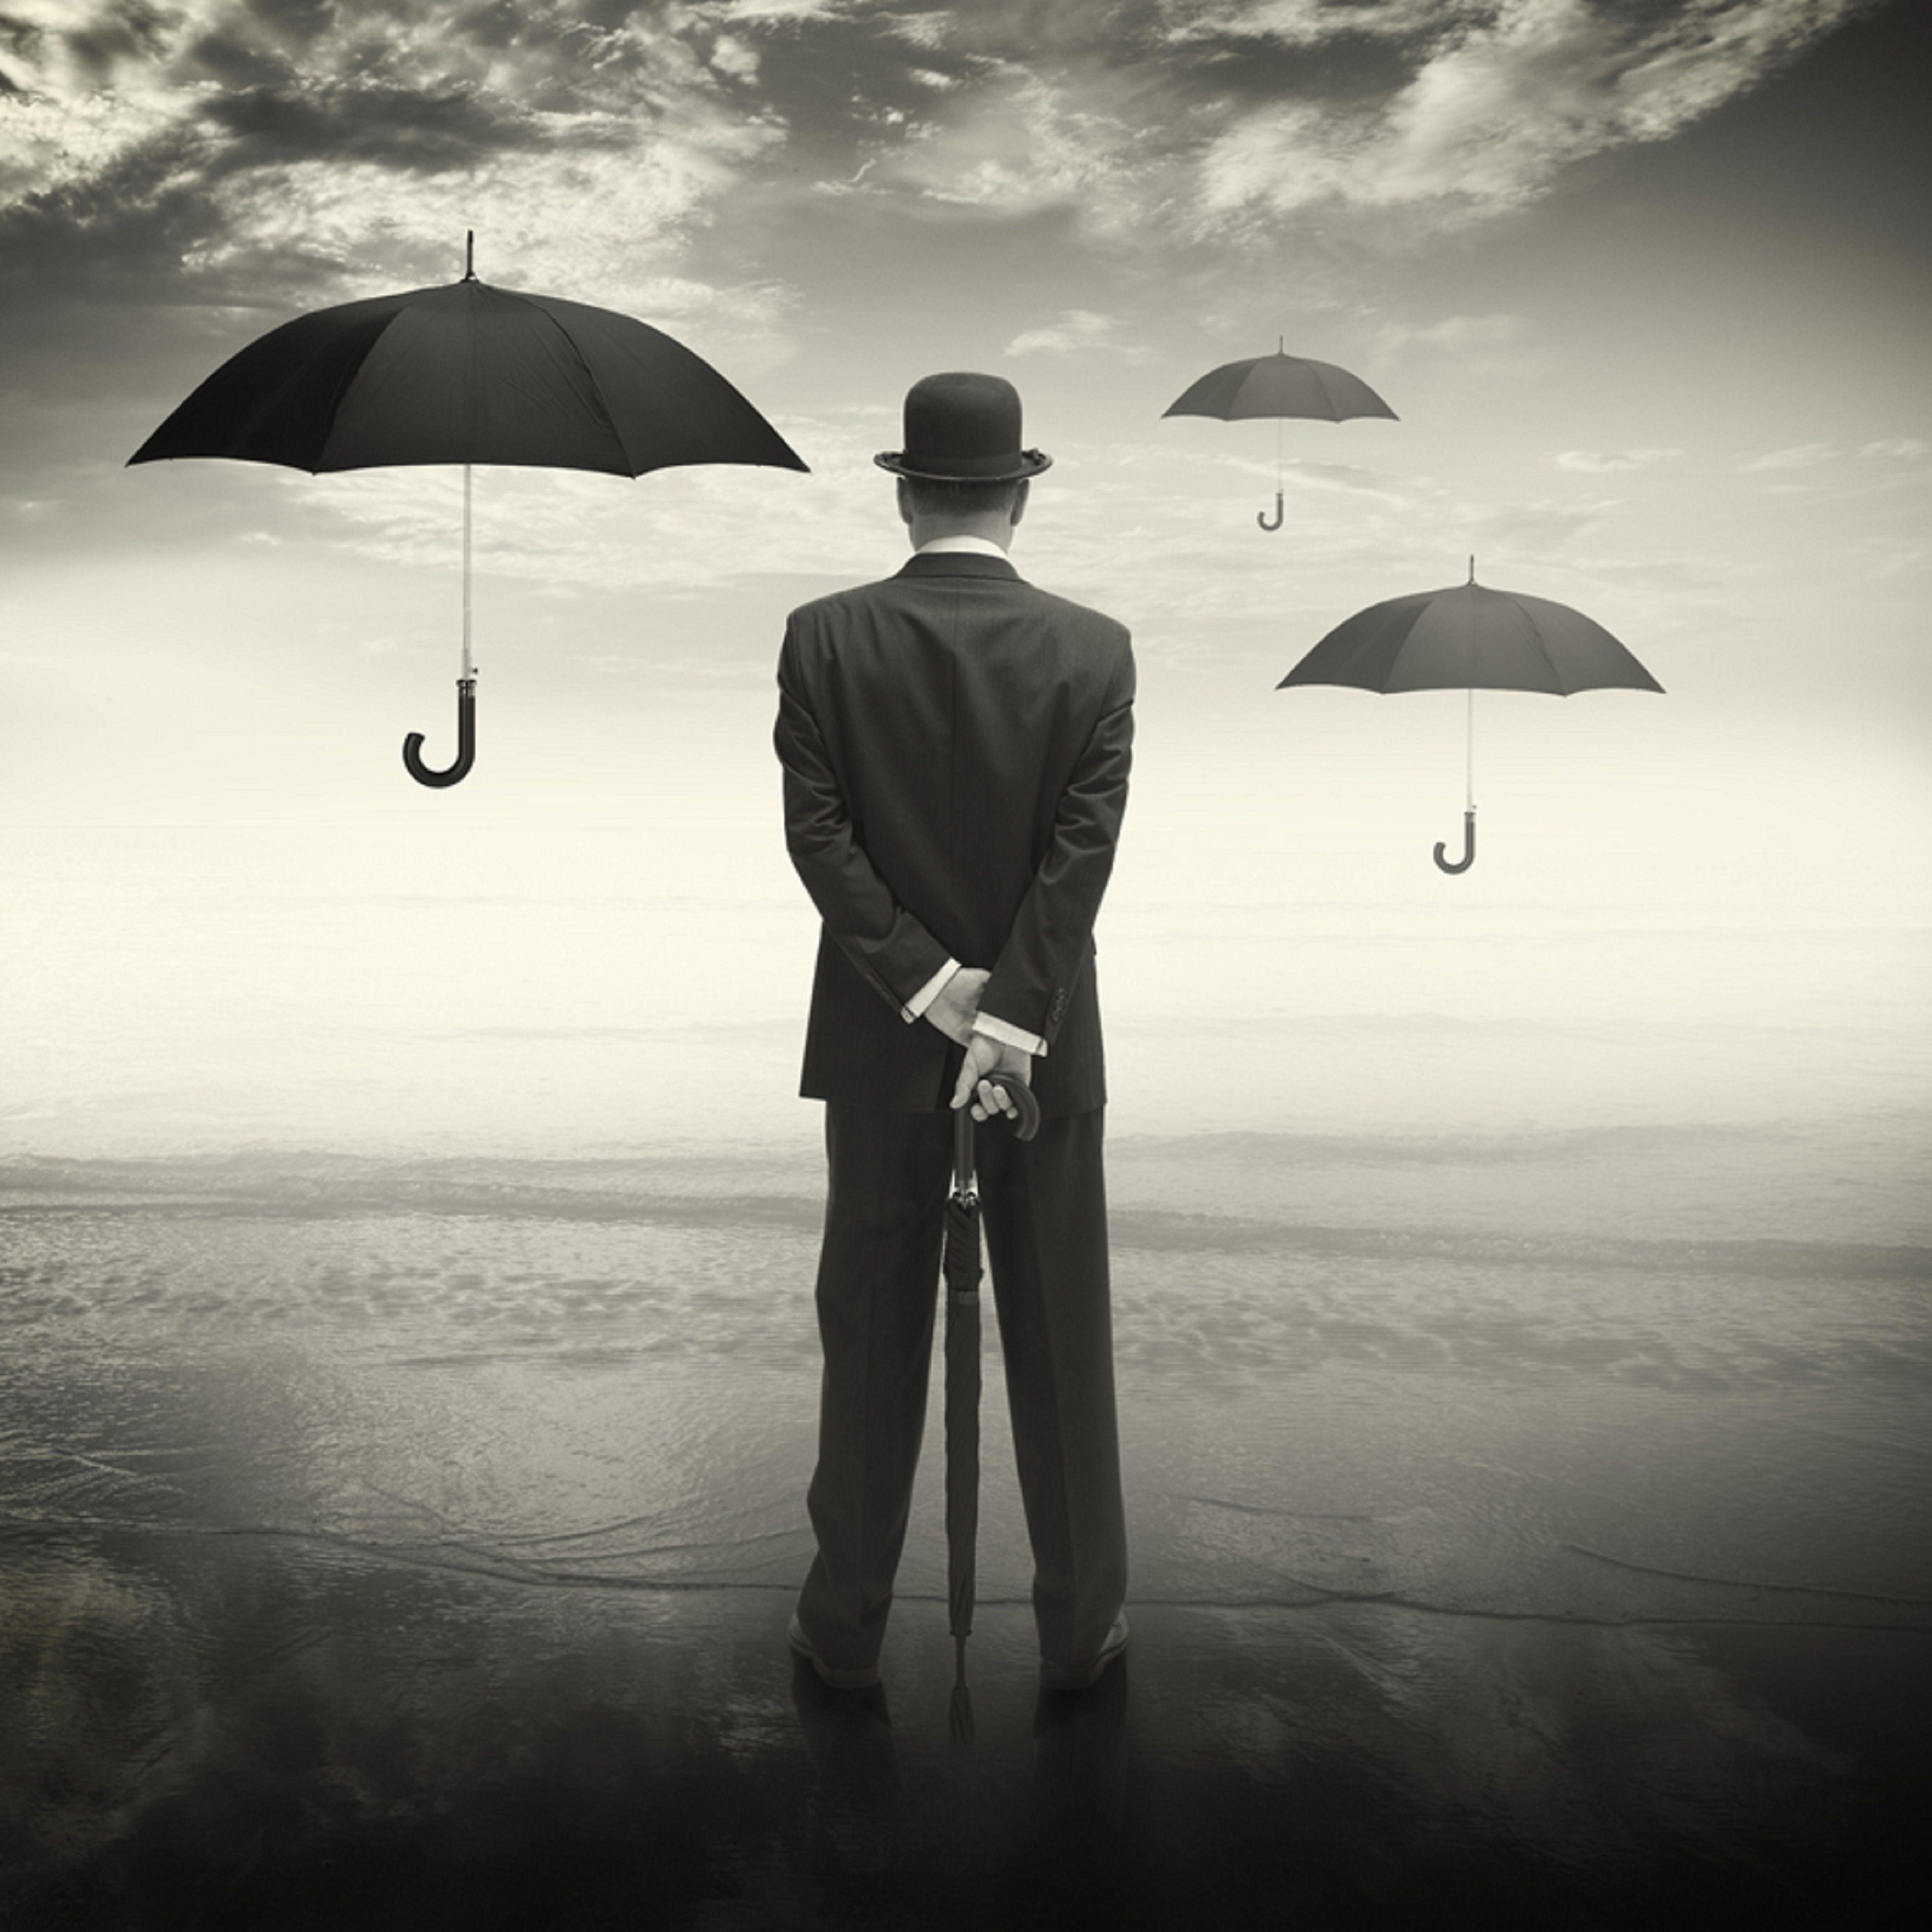 мужчина с зонтом картинка переносится кухонная